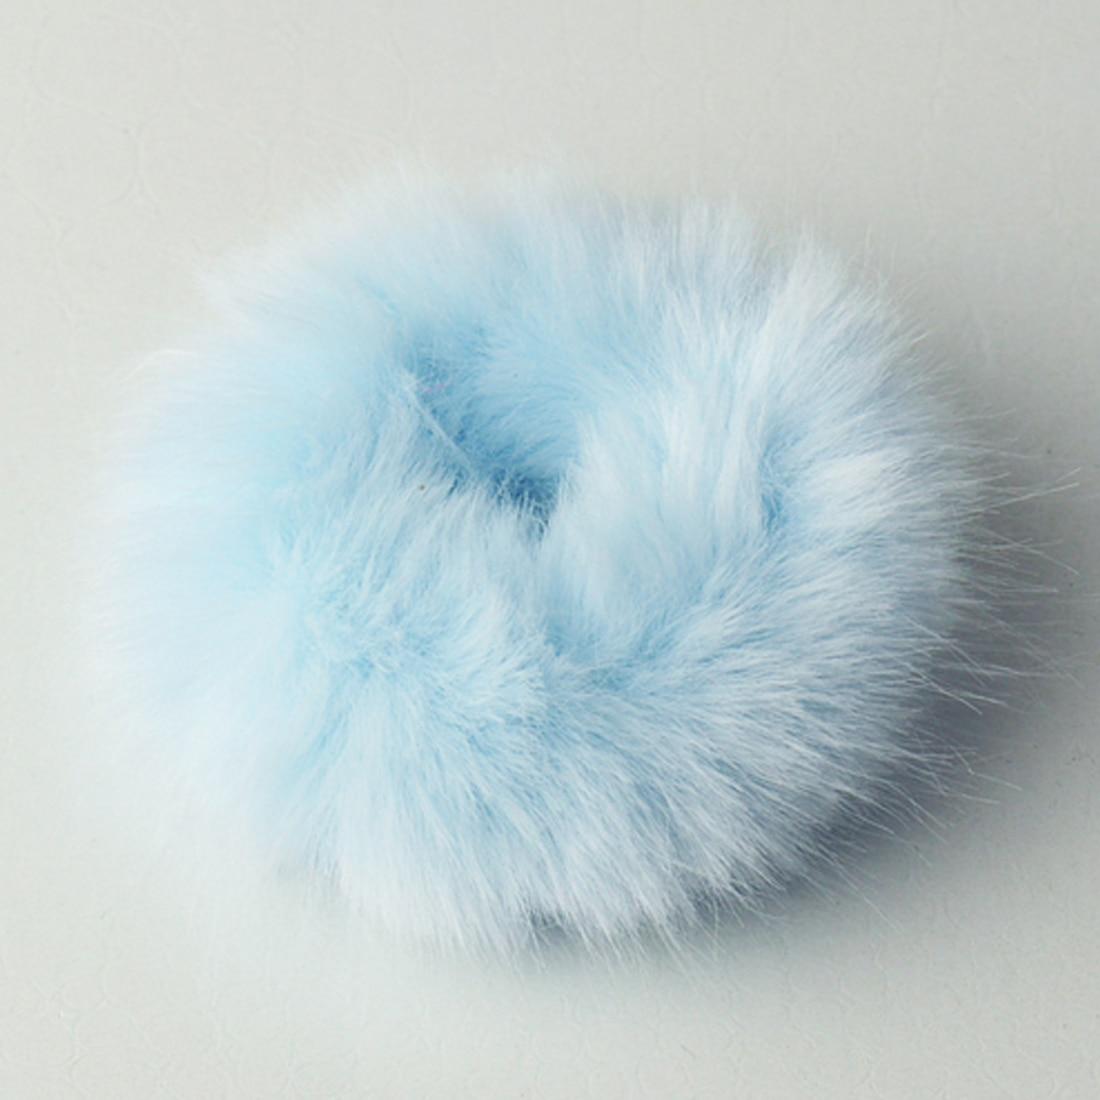 Новинка, настоящая меховая кроличья шерсть, мягкие эластичные резинки для волос для женщин и девочек, милые резинки для волос, резинка для хвоста, модные аксессуары для волос - Цвет: Небесно-голубой